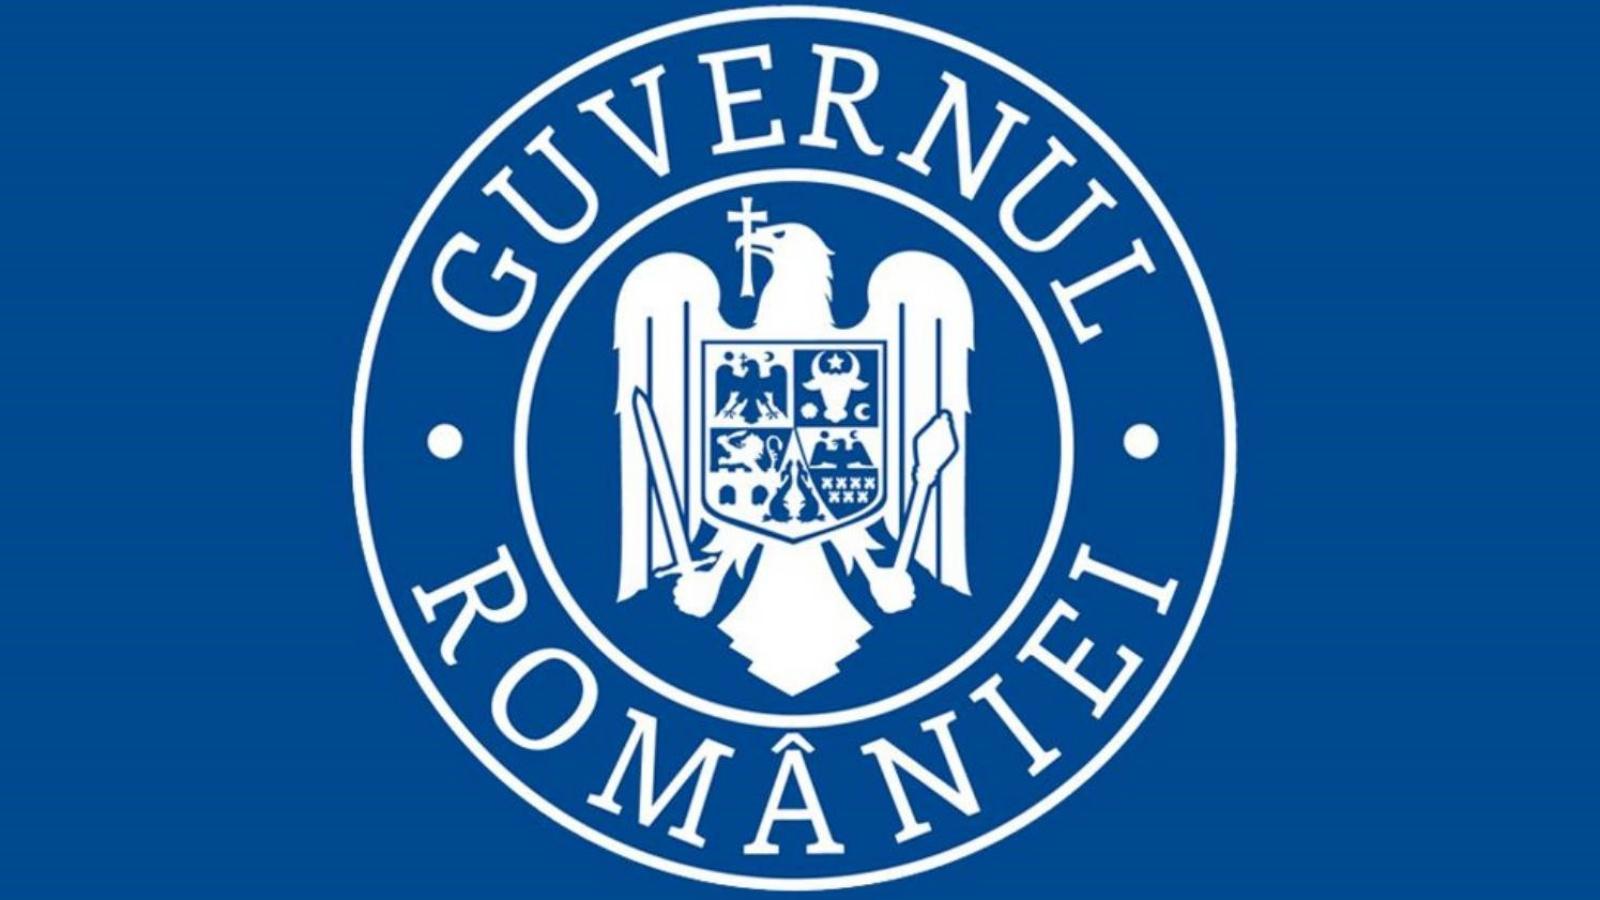 guvernul romaniei vaccinurile influenteaza viata cuplu